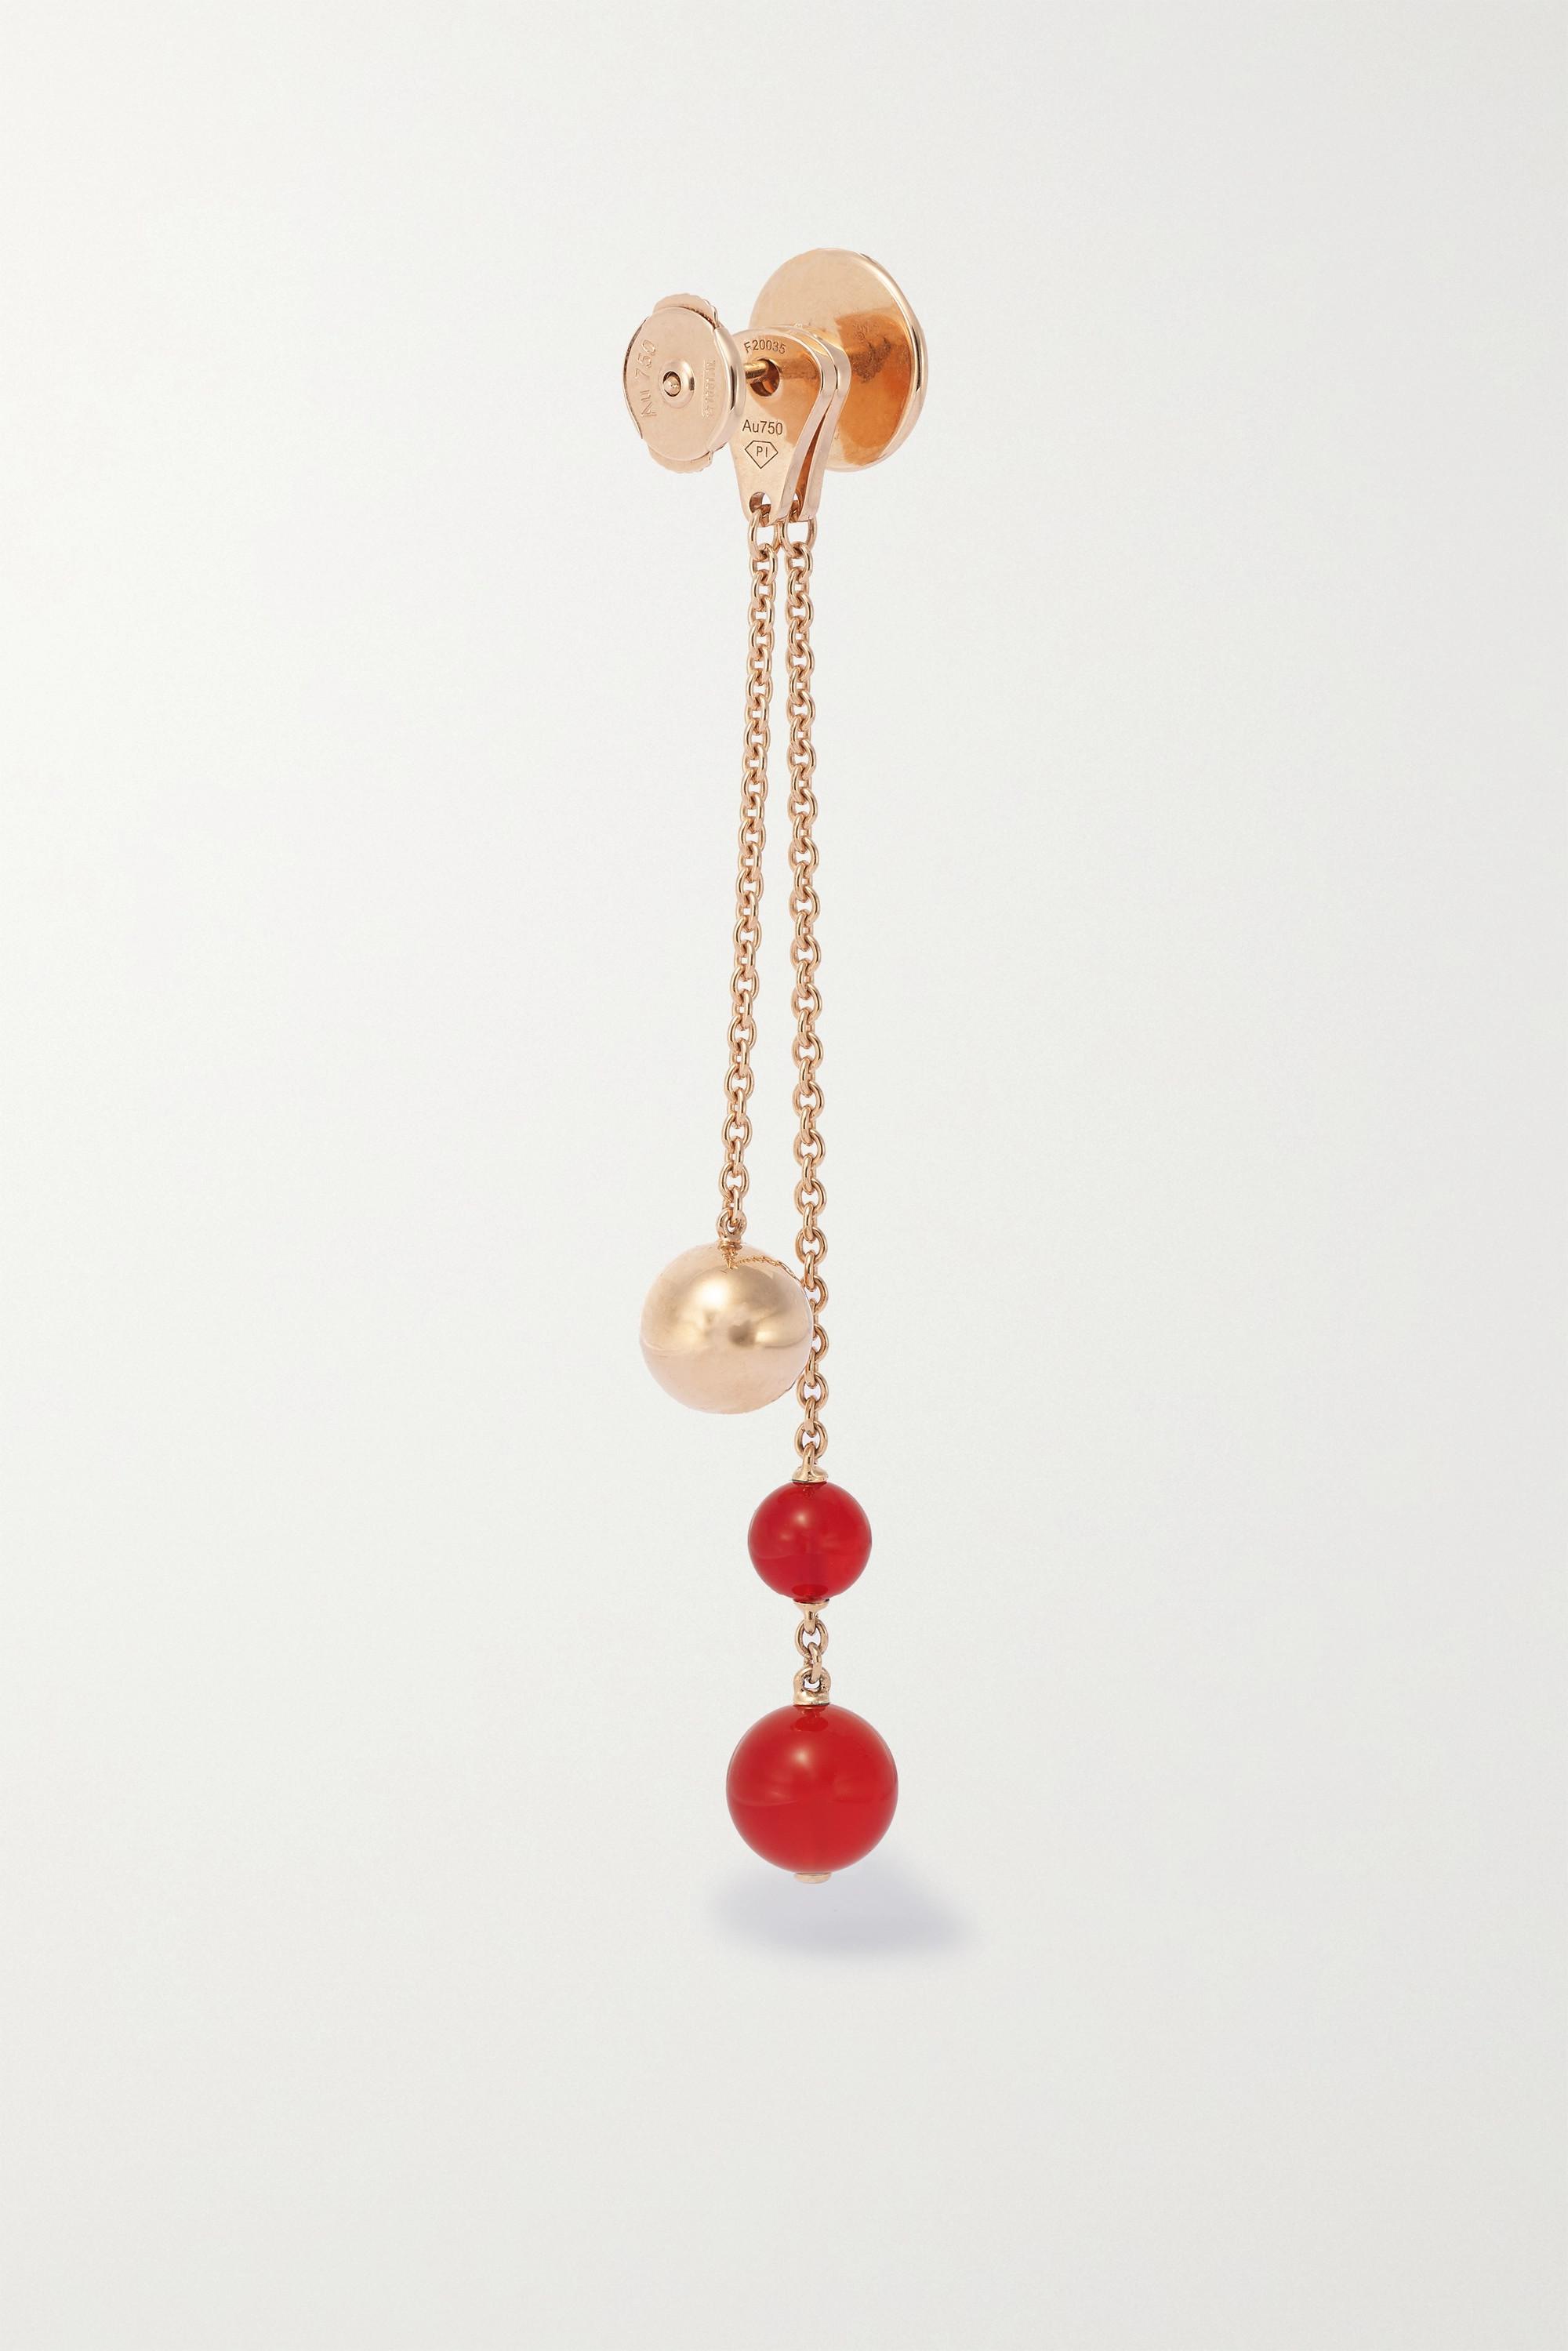 Piaget Boucles d'oreilles en or rose 18 carats (750/1000), cornalines et diamants Possession